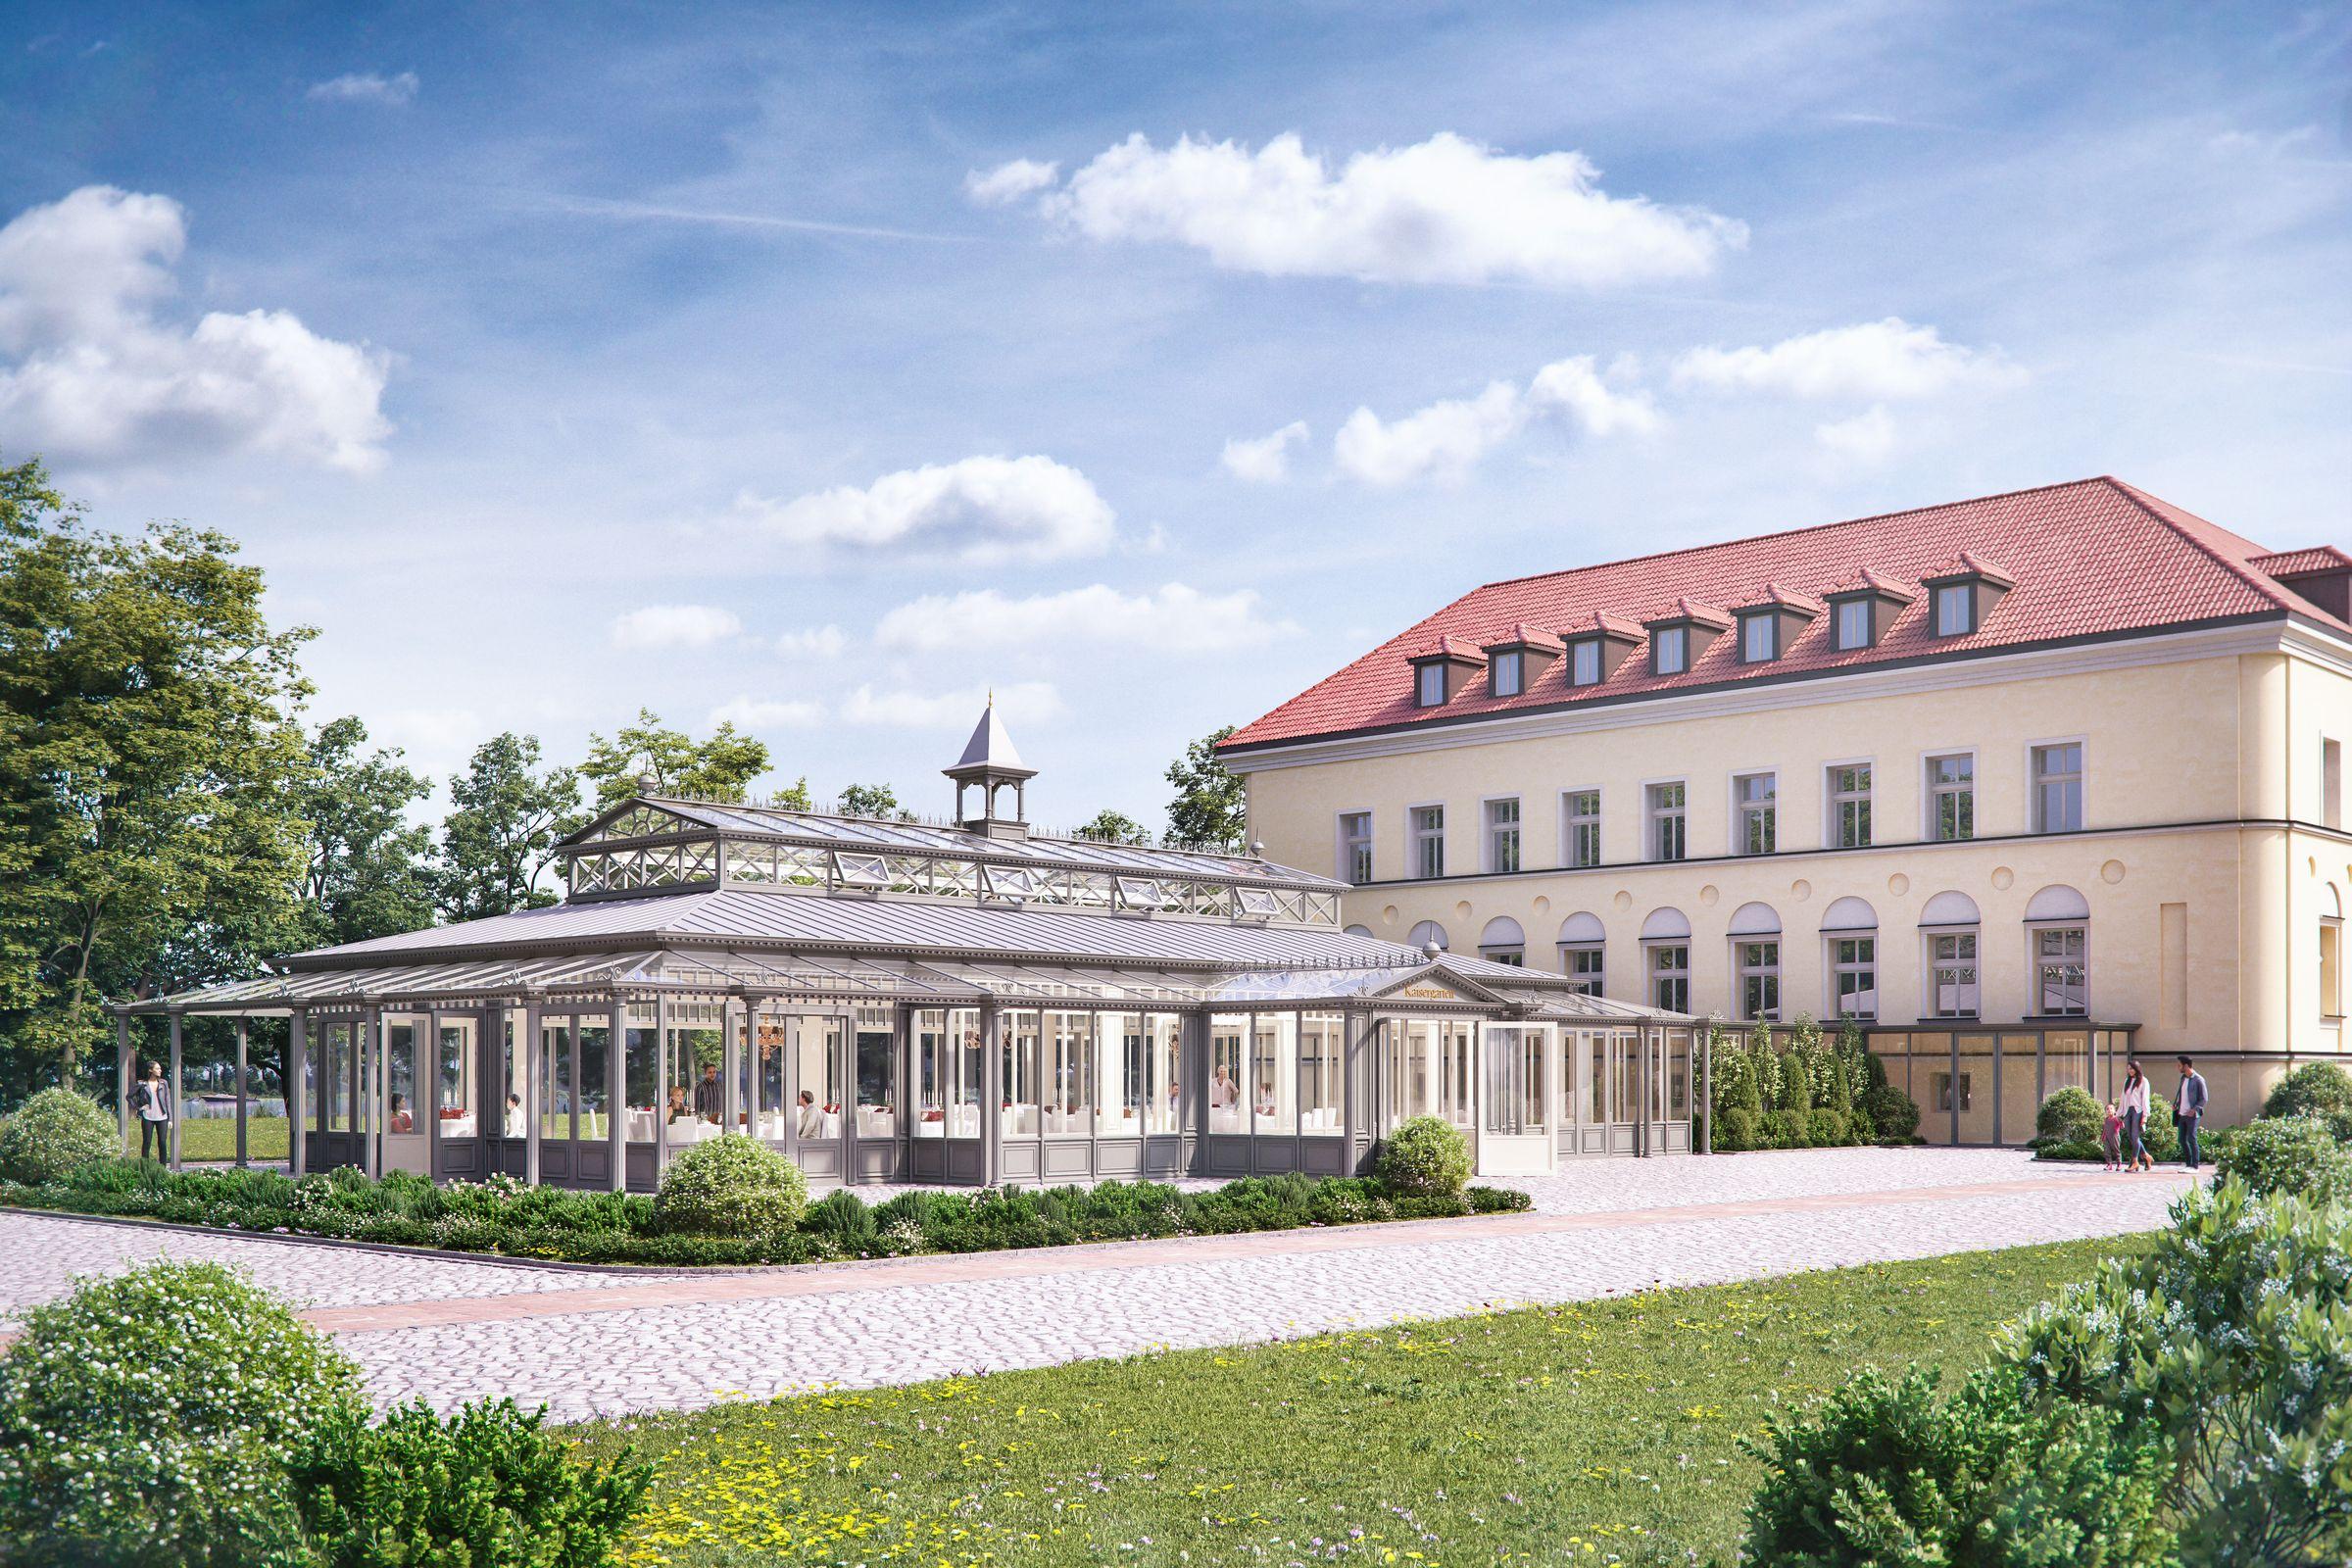 Vowisol_Seeschloss_Schorssow_170703_2